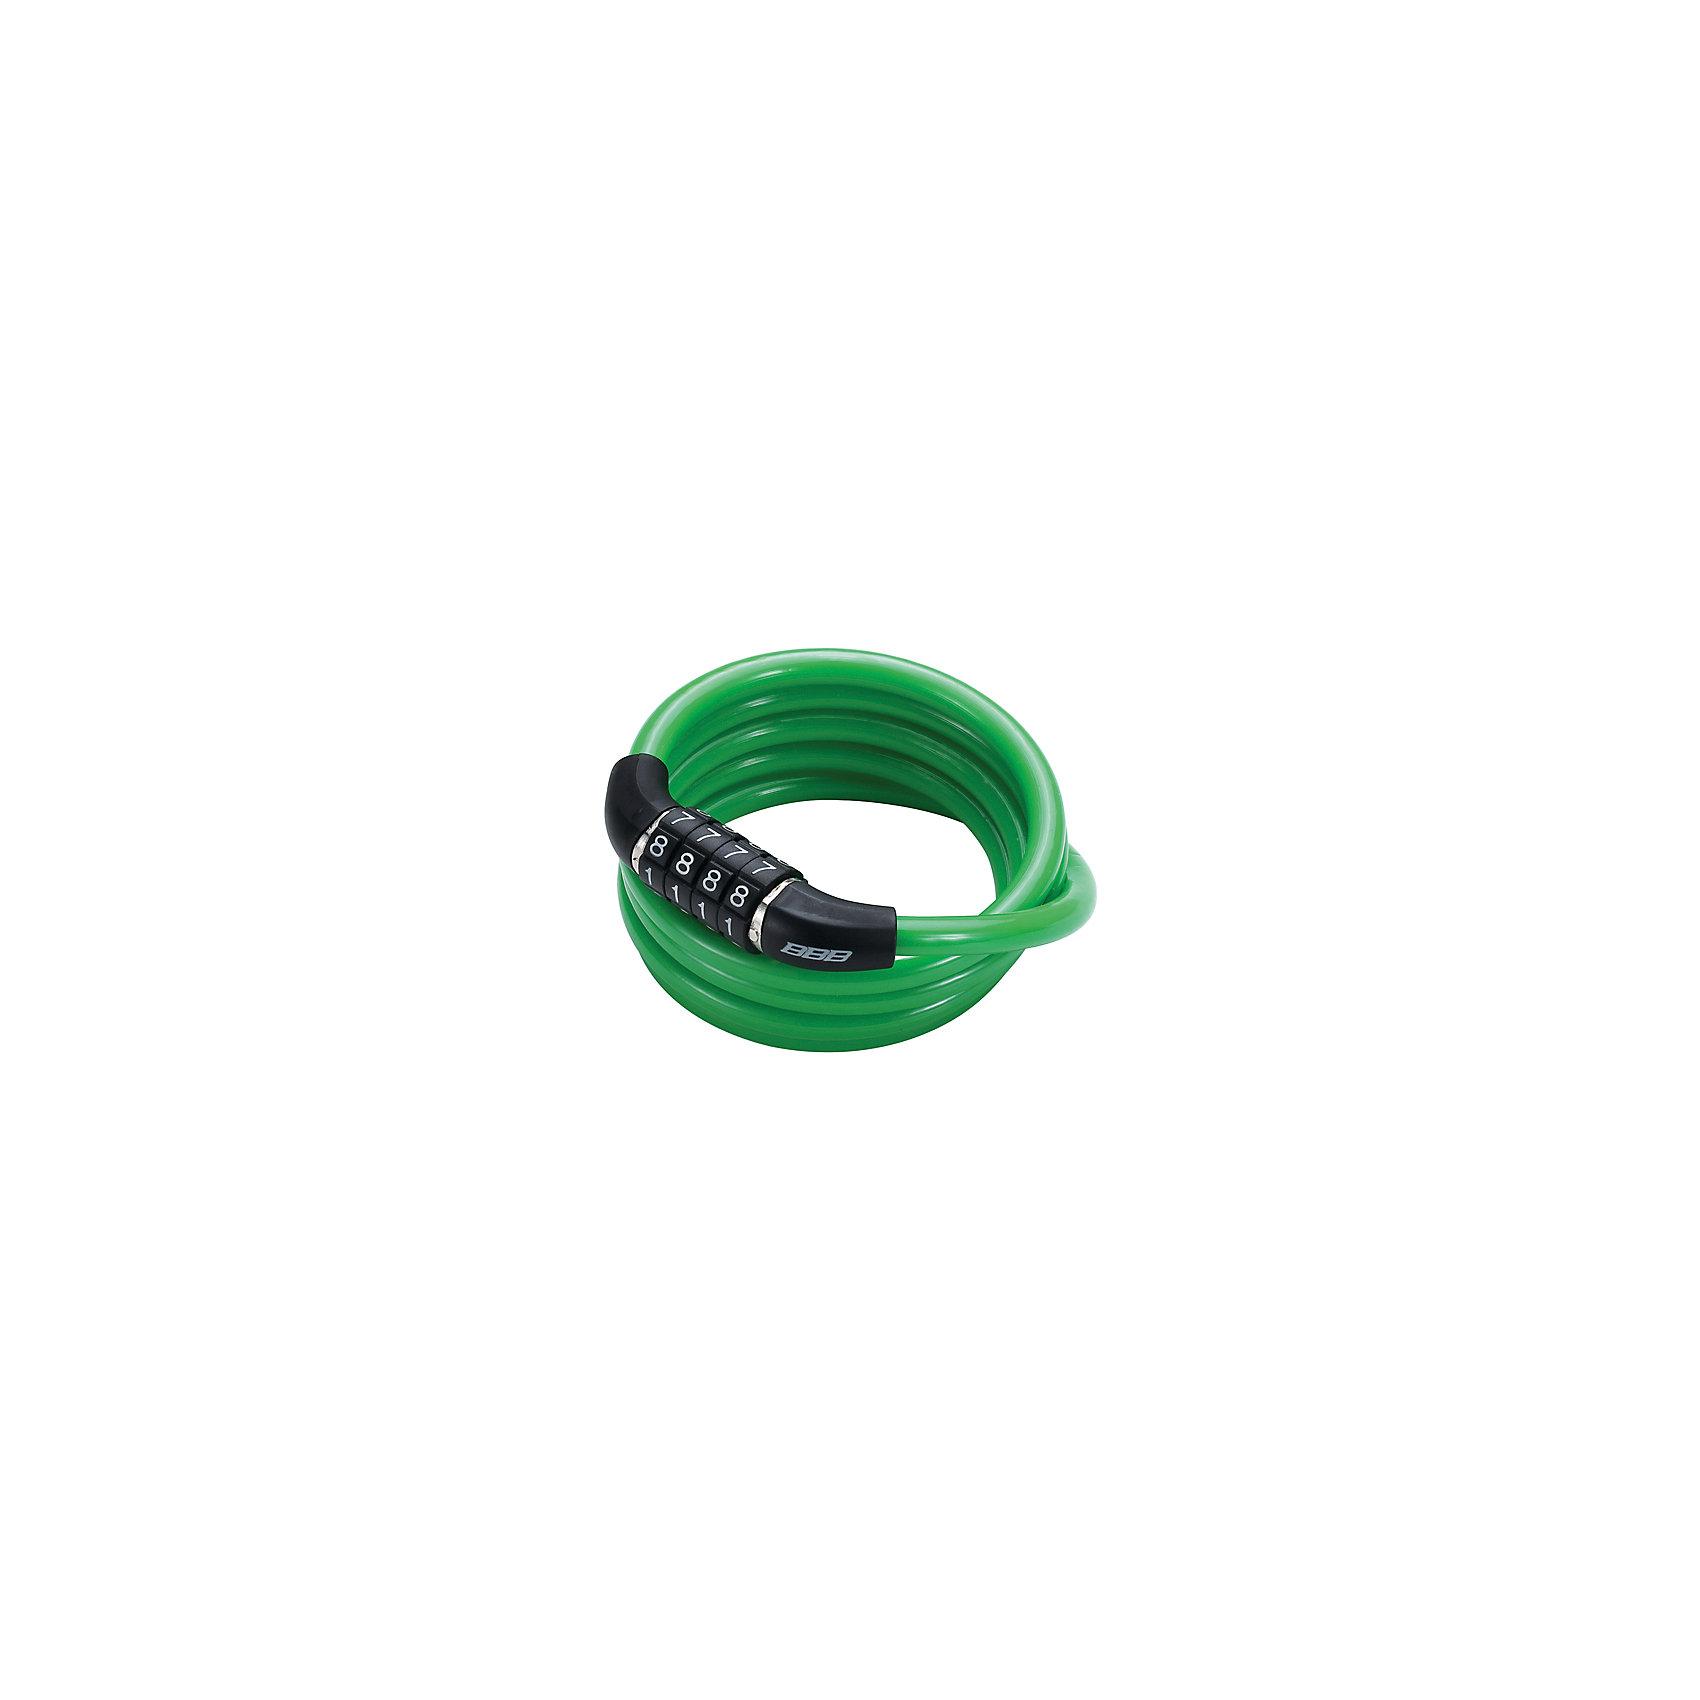 Замок велосипедный QuickCode кодовый, зеленый, BBBАксеcсуары для велосипедов<br>Характеристики товара:  <br><br>• толстый и прочный скрученный трос обеспечивает максимальную защиту<br>• цвет: зеленый<br>• четырехзначный код (фиксированный)<br>• надежный механизм замка<br>• оплетка троса для защиты вашего велосипеда от сколов и царапин<br>• размеры: 8мм Х 1200мм.<br>• совместим с BBL-92 CableFix<br><br>Замок велосипедный QuickCode кодовый можно купить в нашем интернет-магазине.<br><br>Ширина мм: 250<br>Глубина мм: 170<br>Высота мм: 45<br>Вес г: 99<br>Возраст от месяцев: 36<br>Возраст до месяцев: 144<br>Пол: Унисекс<br>Возраст: Детский<br>SKU: 5569403